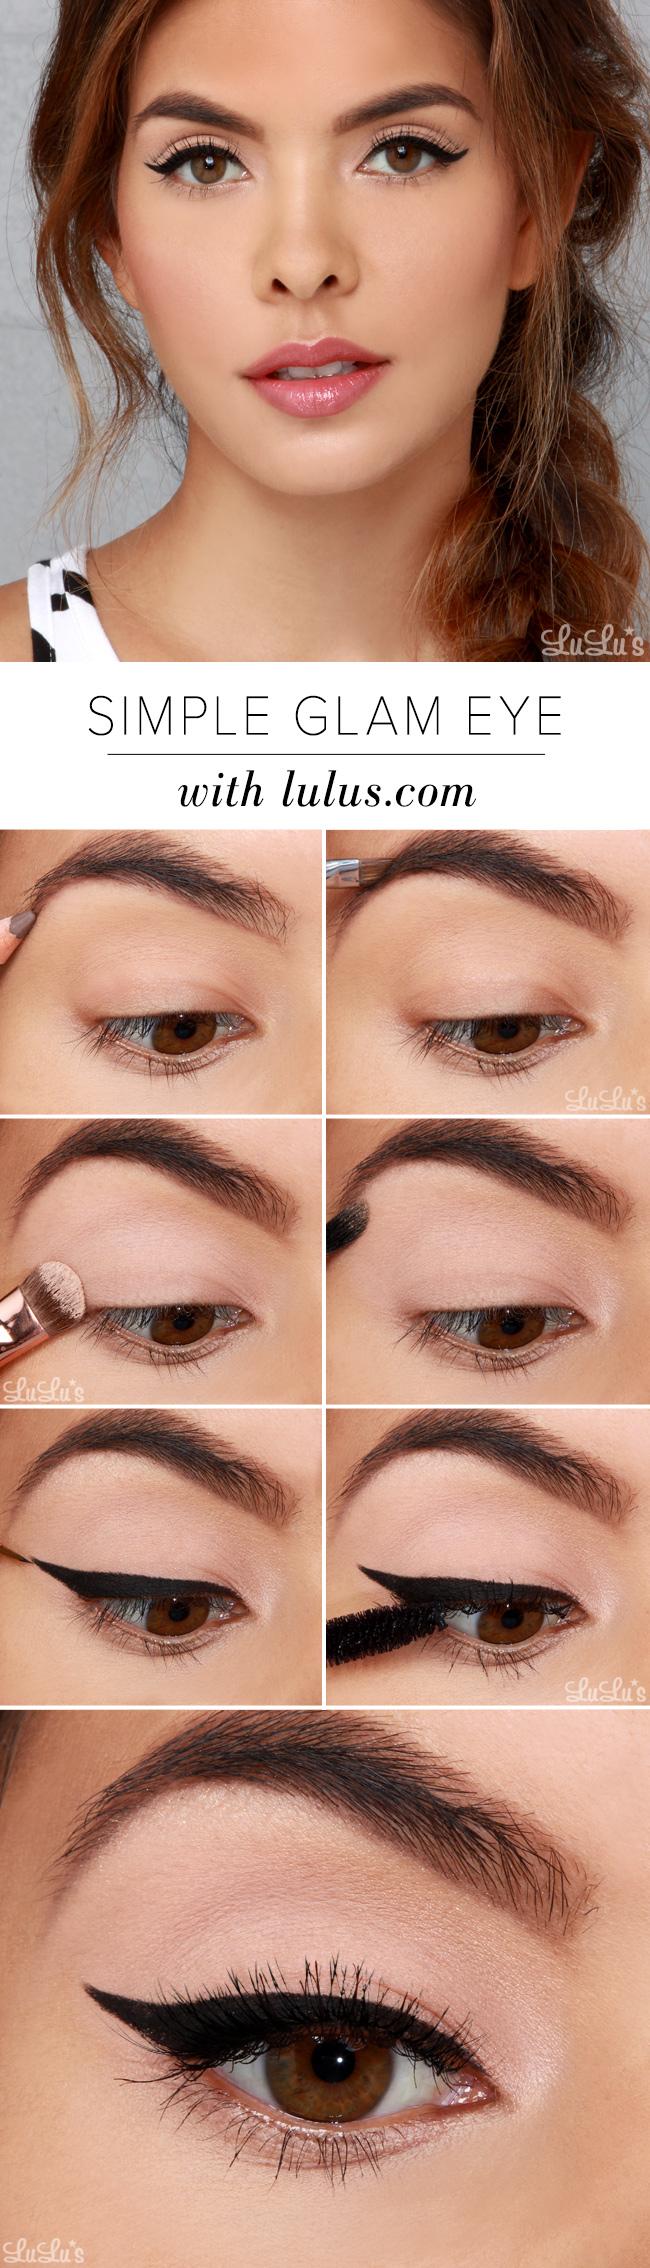 simple-glam-eye-tutorial-